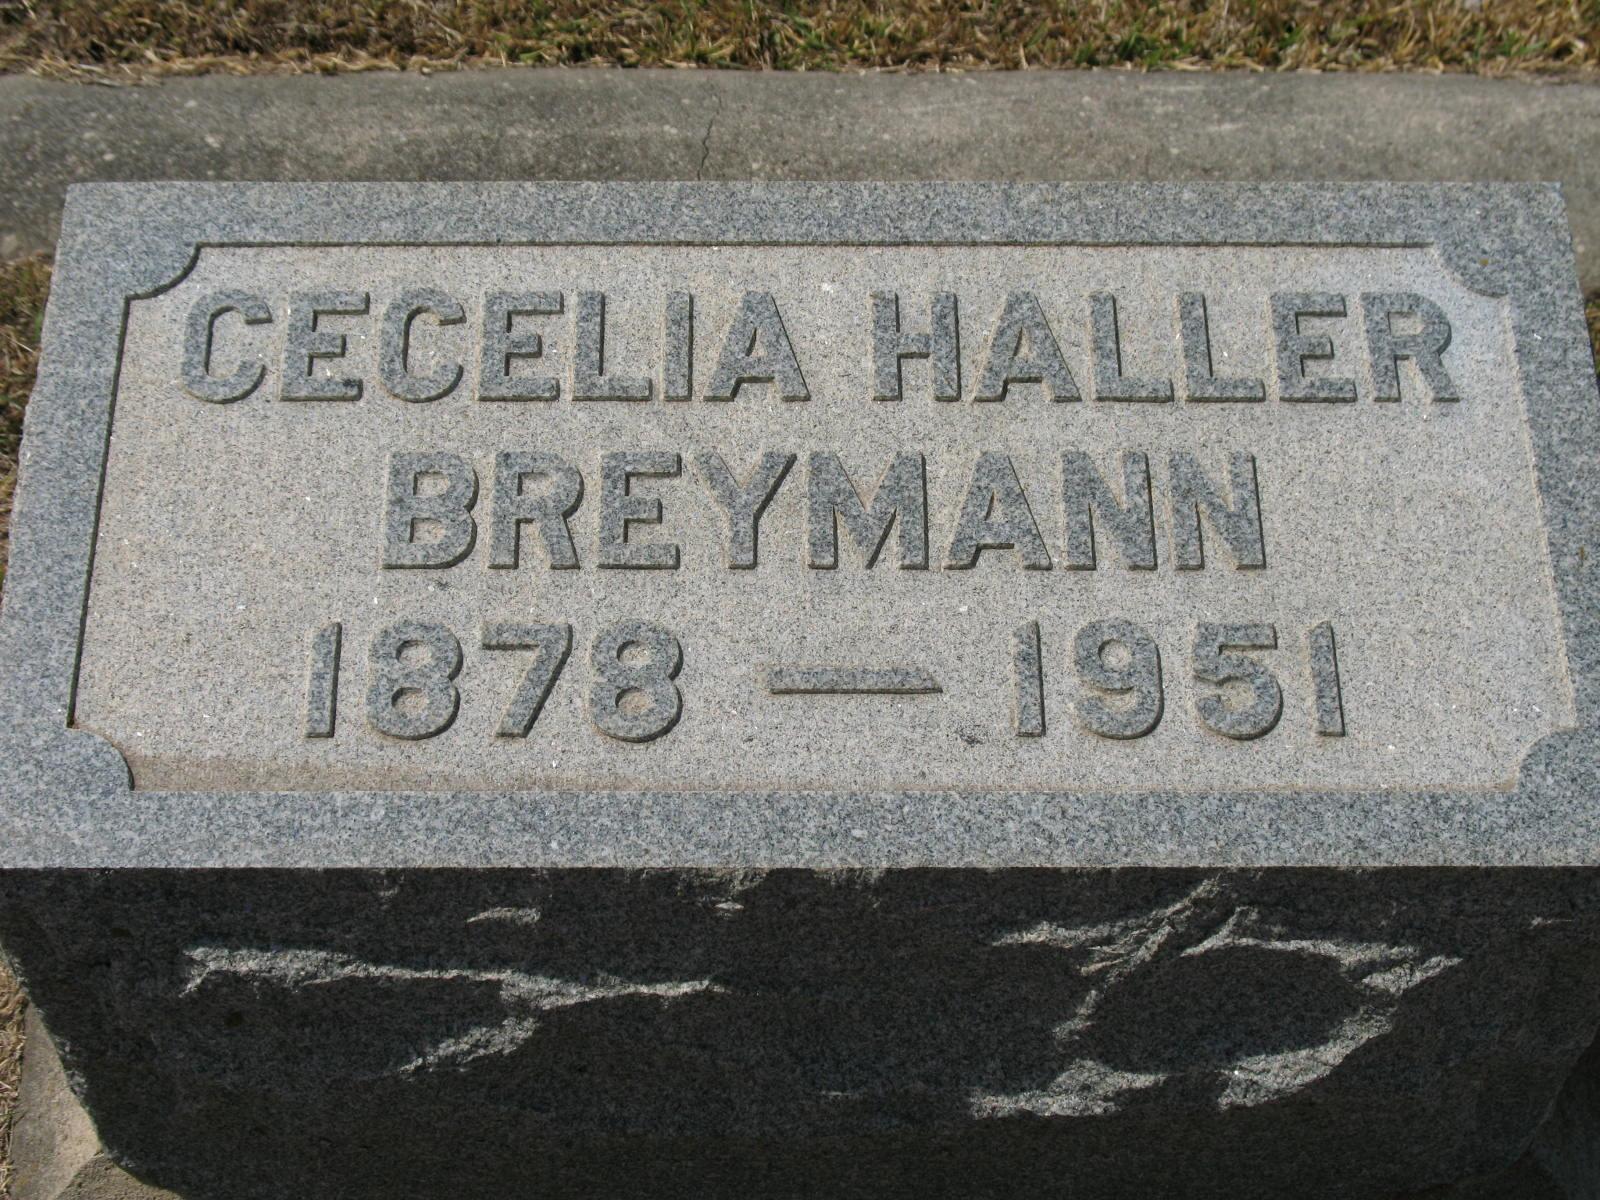 Cecilia Haller